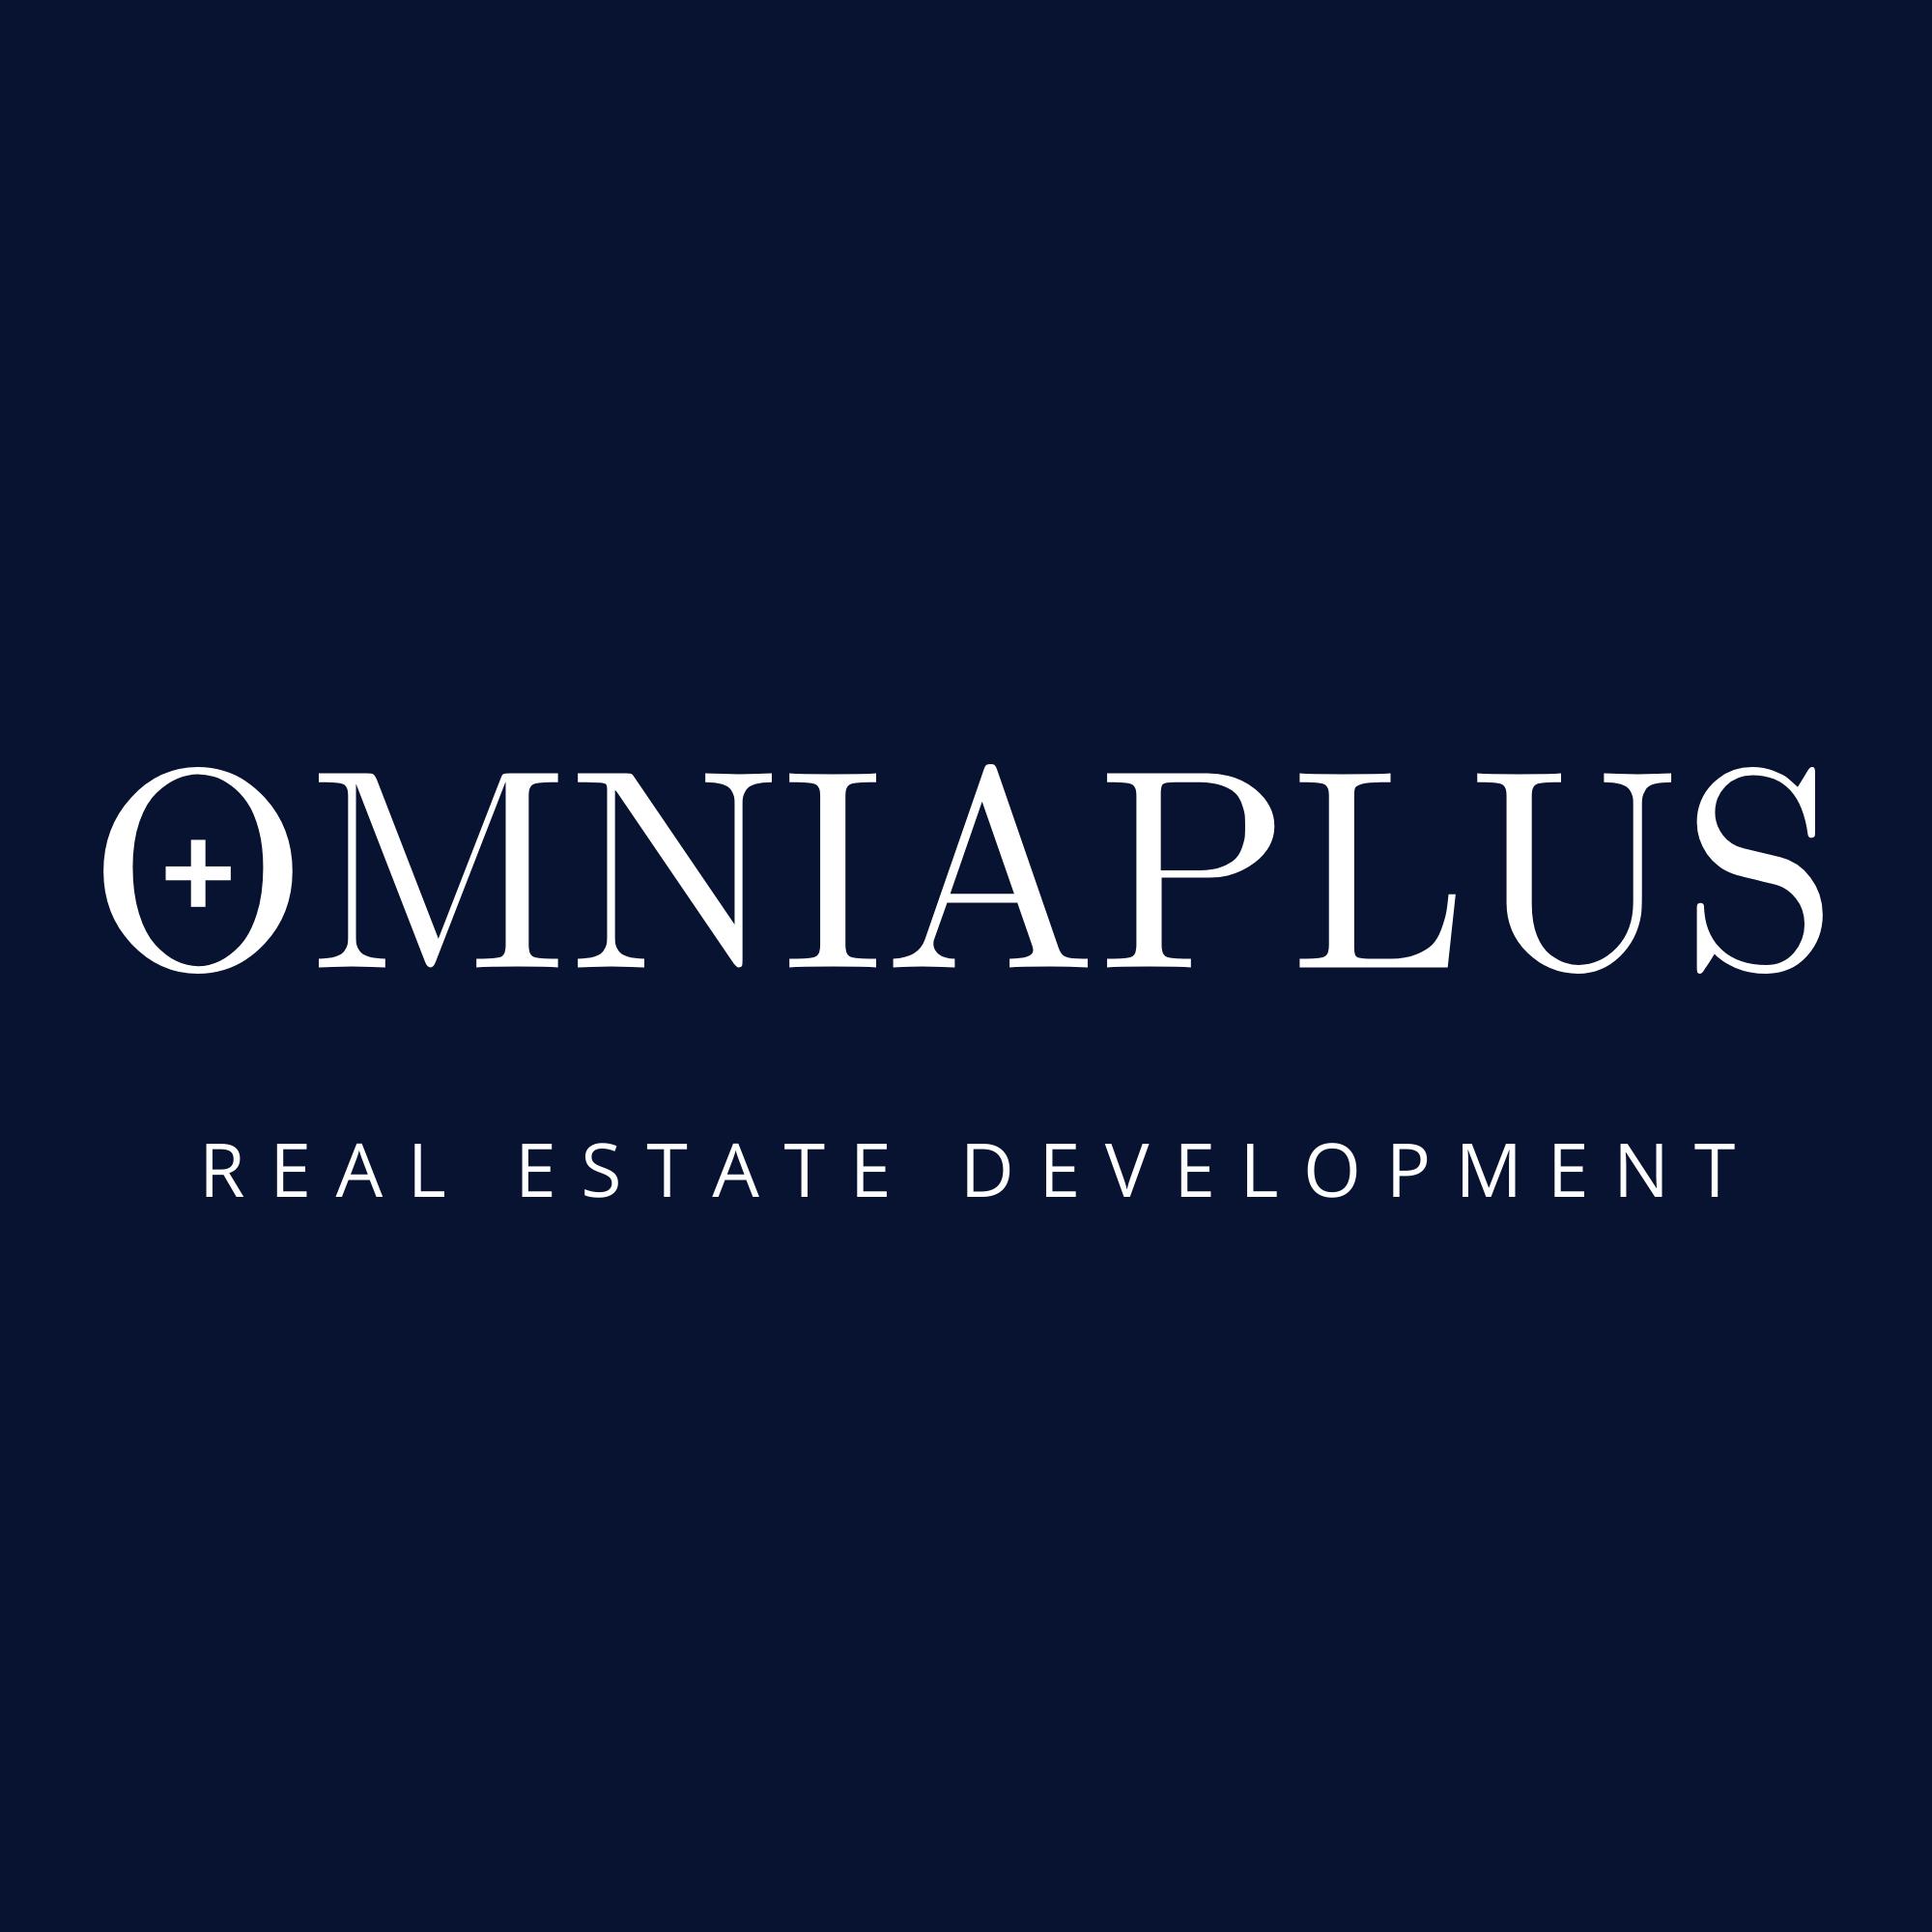 Logo OmniaPlus